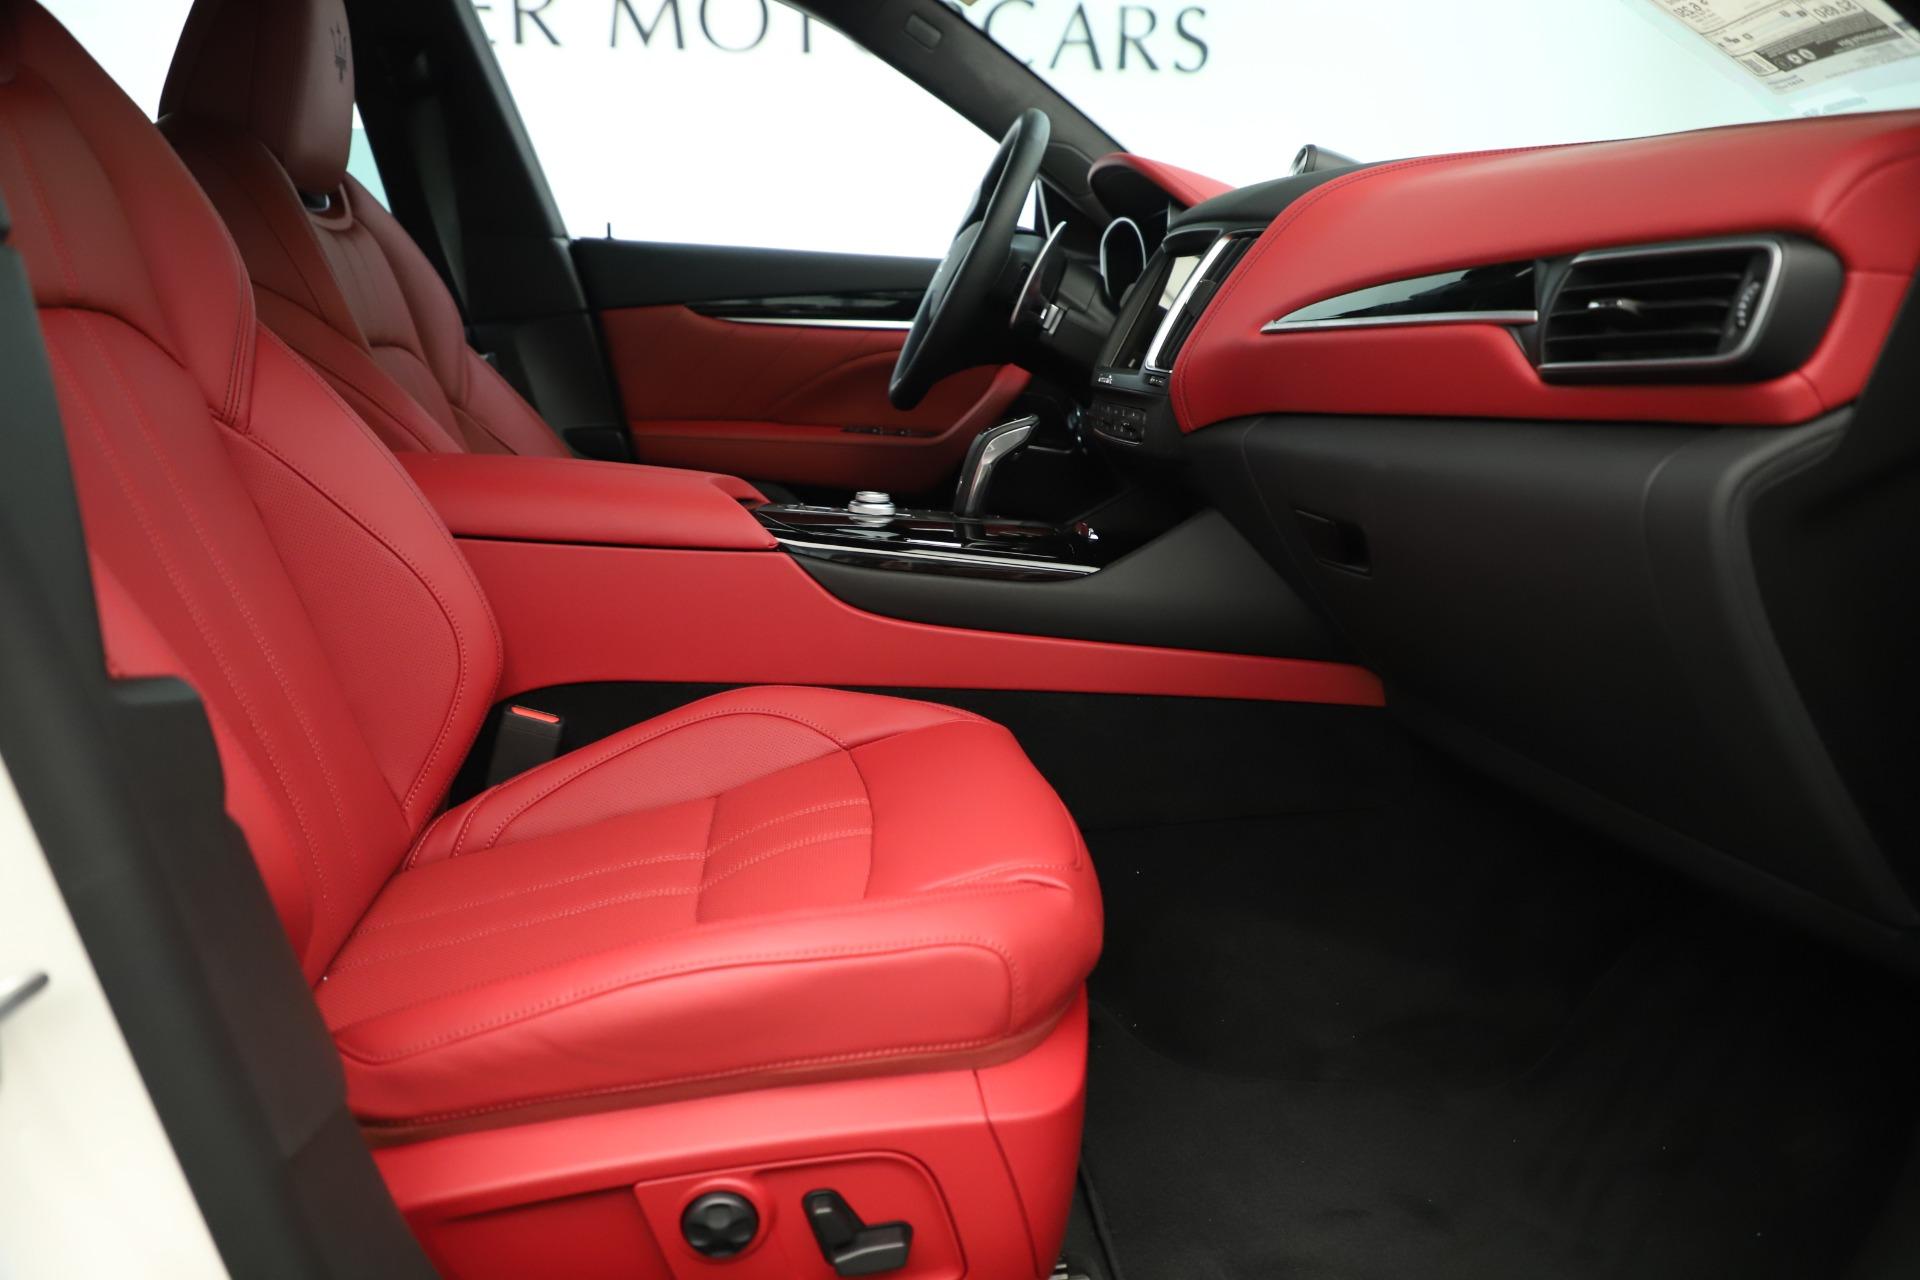 New 2019 Maserati Levante Q4 GranSport Nerissimo For Sale In Greenwich, CT 3300_p23